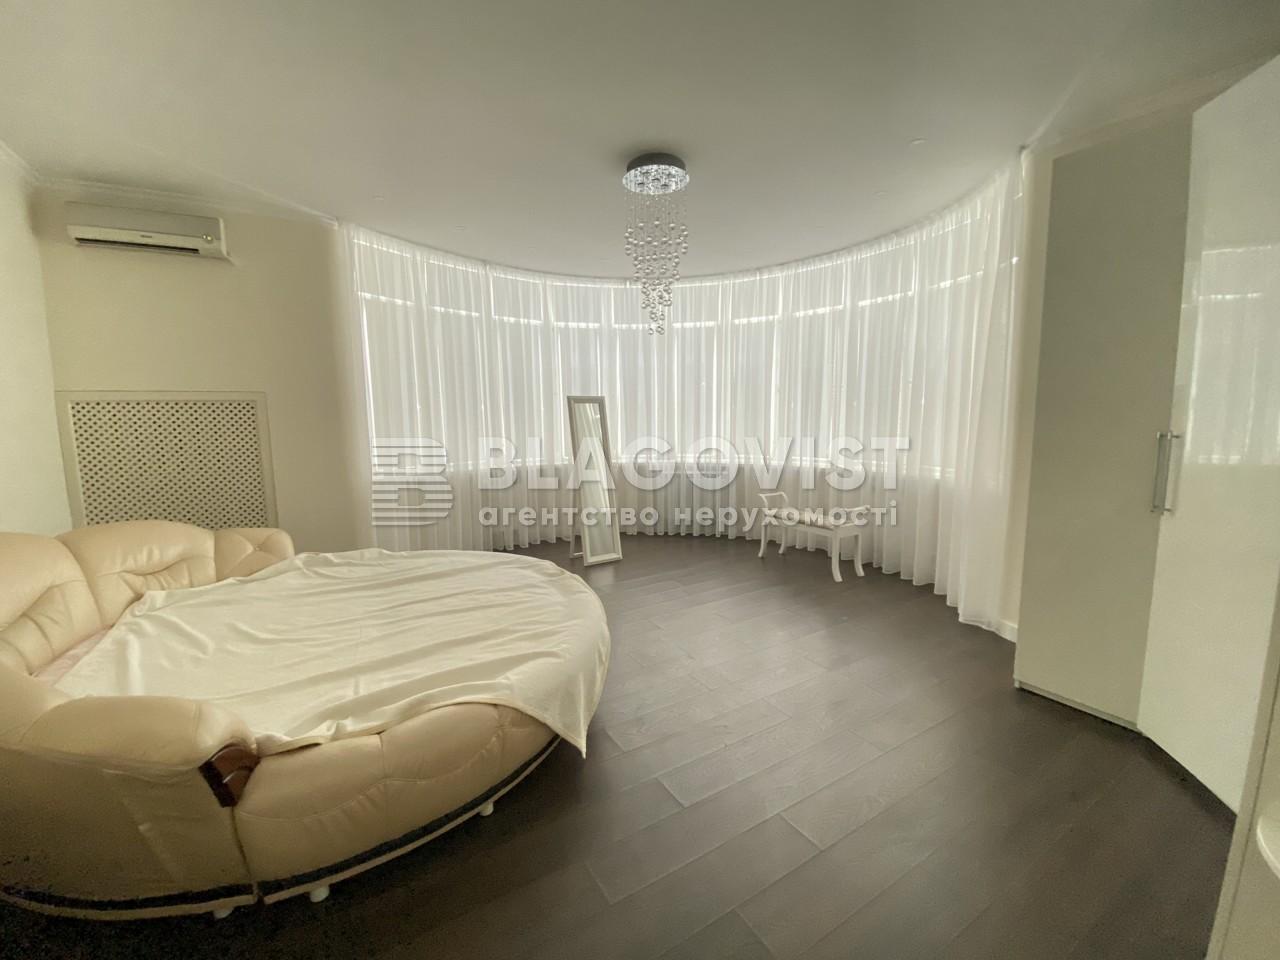 Квартира C-109673, Антоновича (Горького), 140, Киев - Фото 11